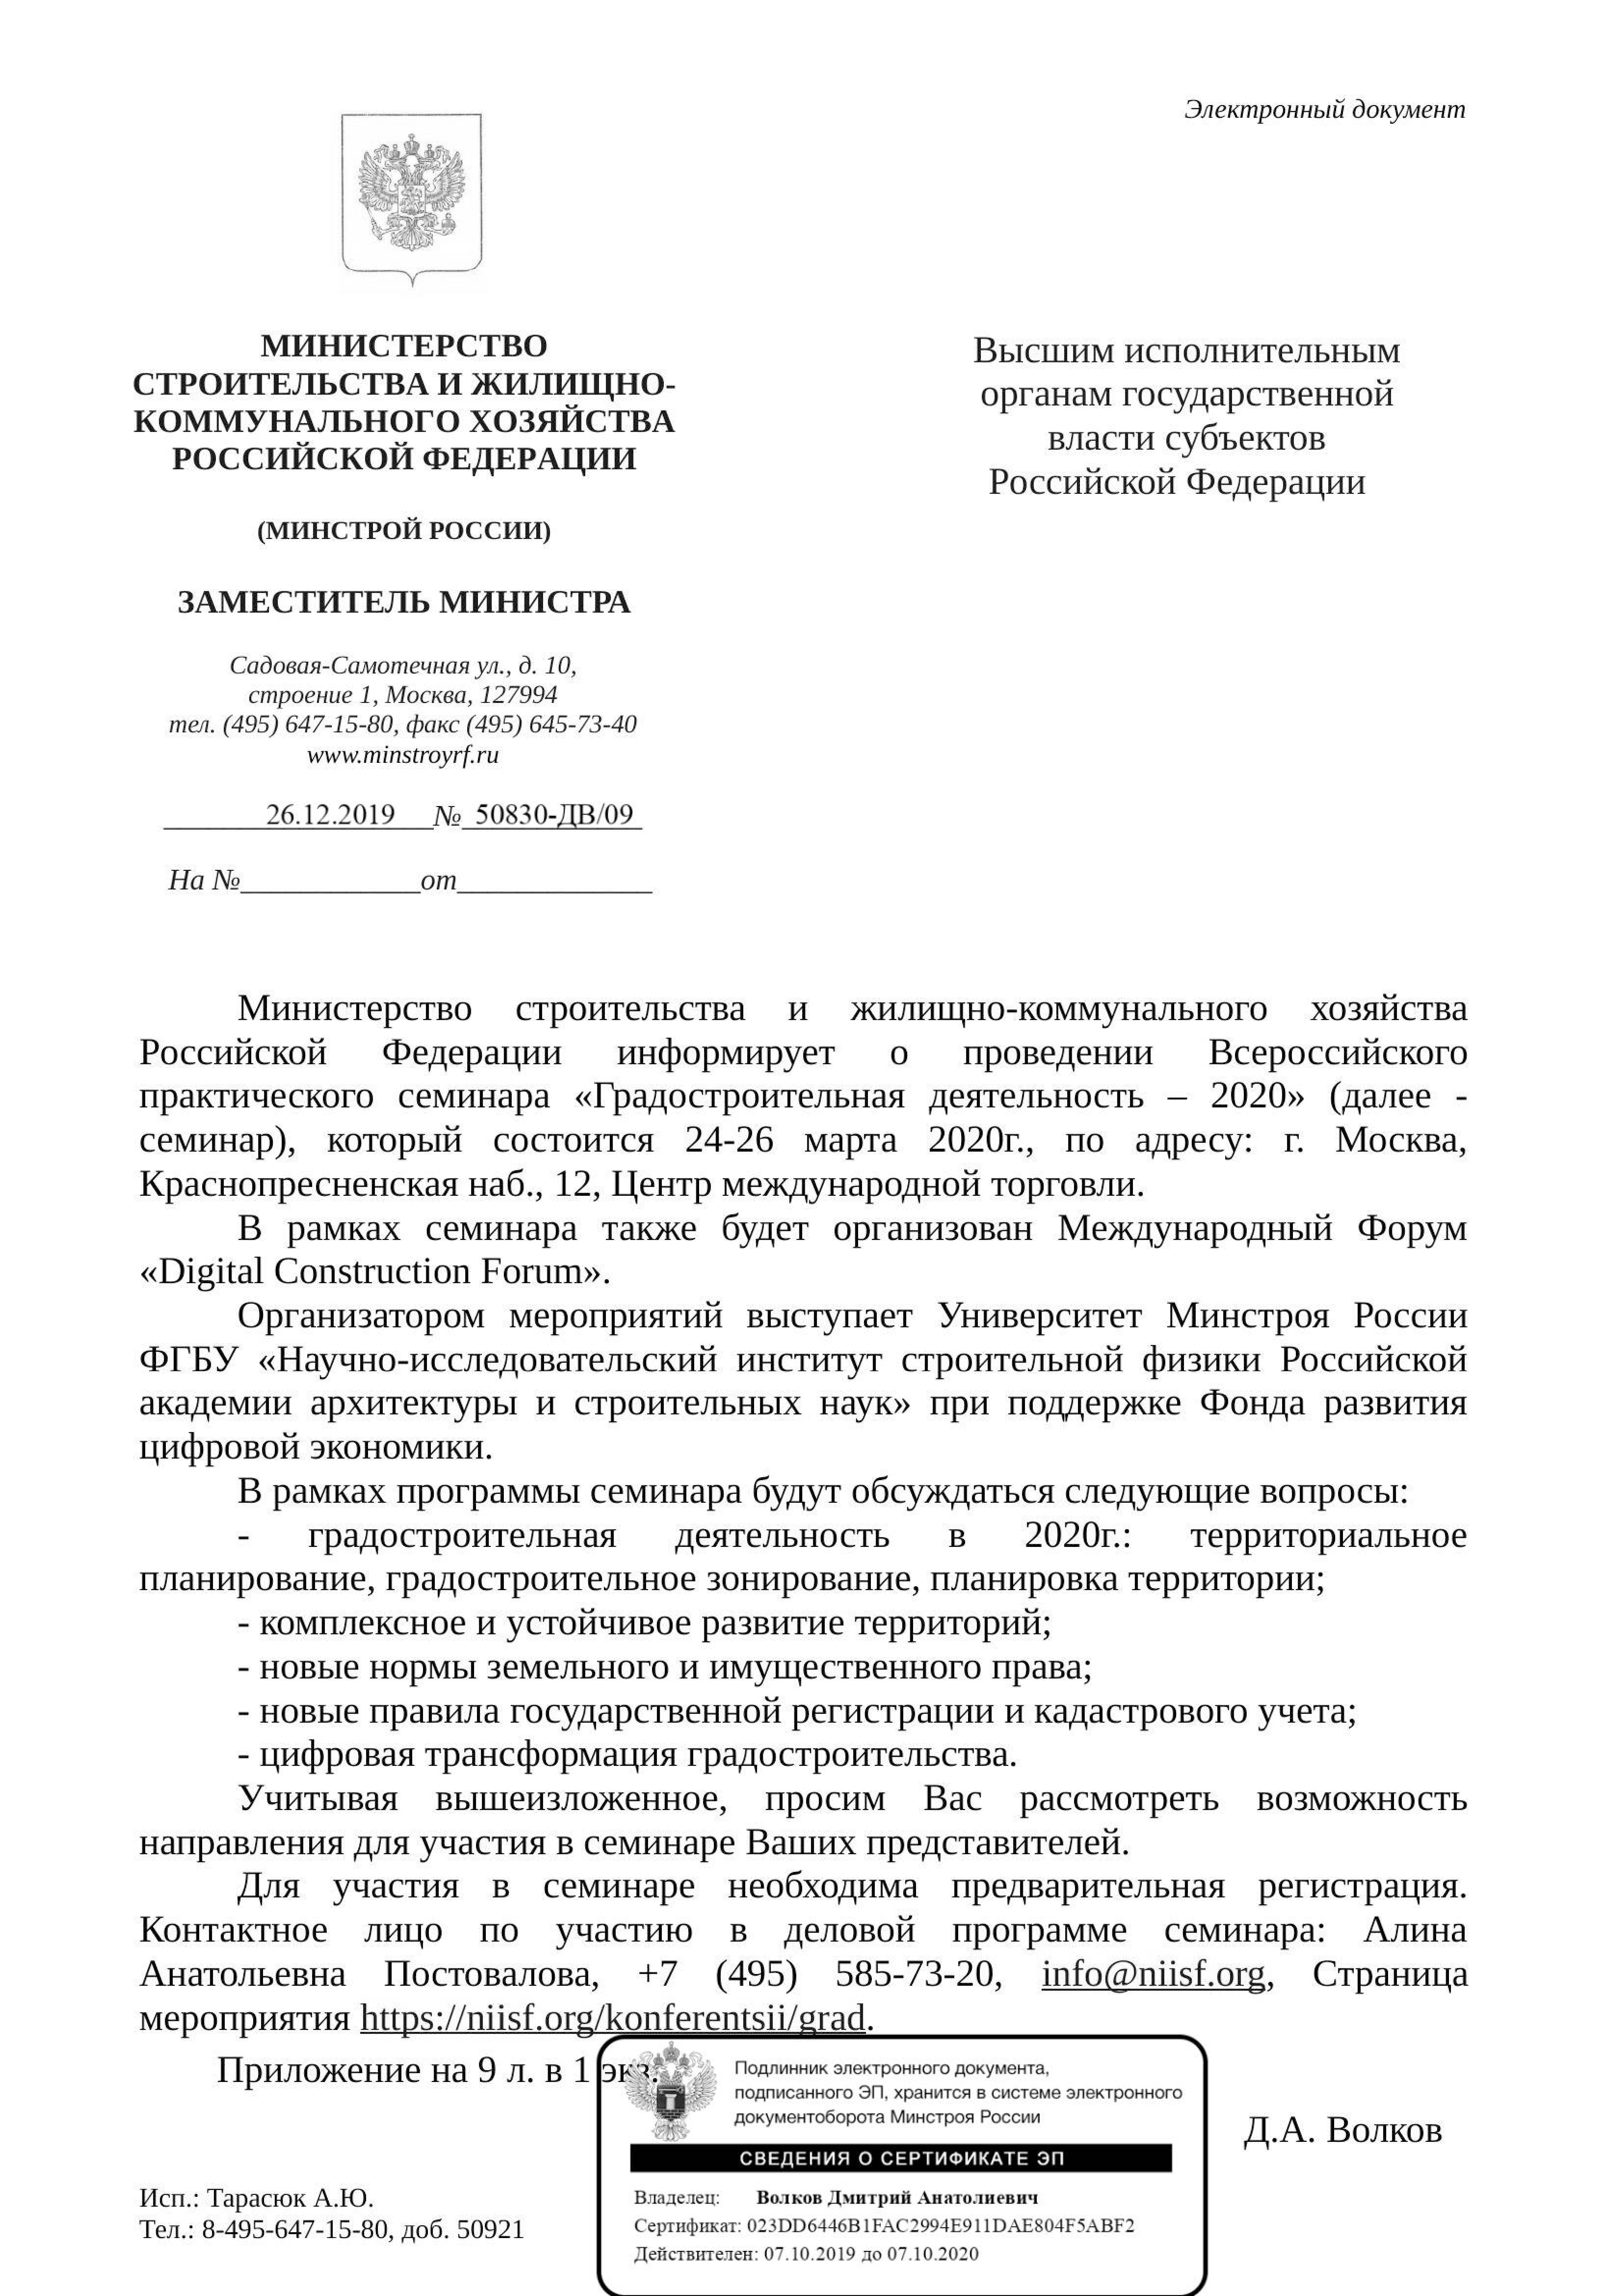 Письмо Д.А. Волков